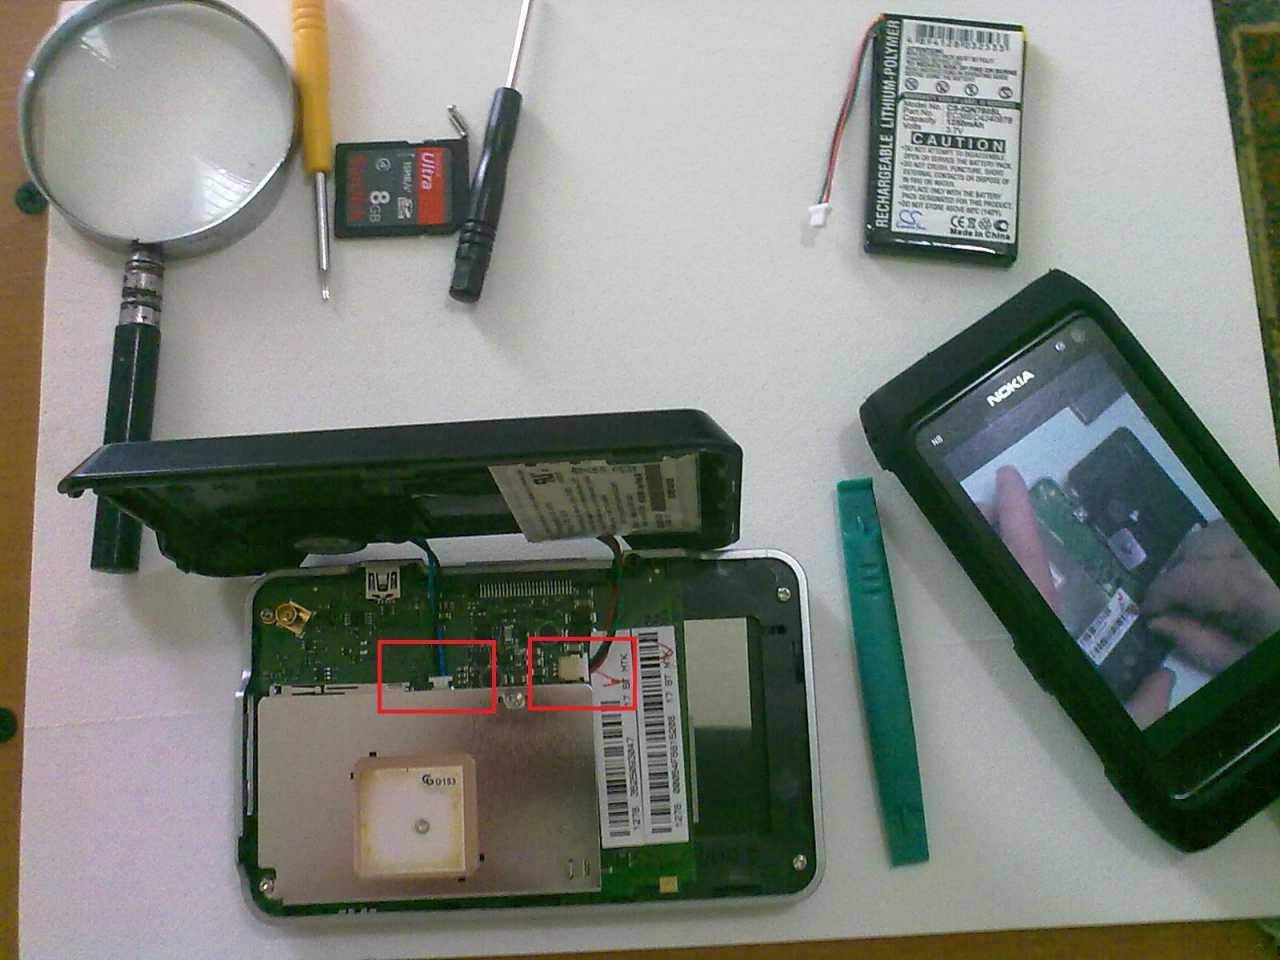 GPSYV-Reemplazodebateranuvi78005.jpg